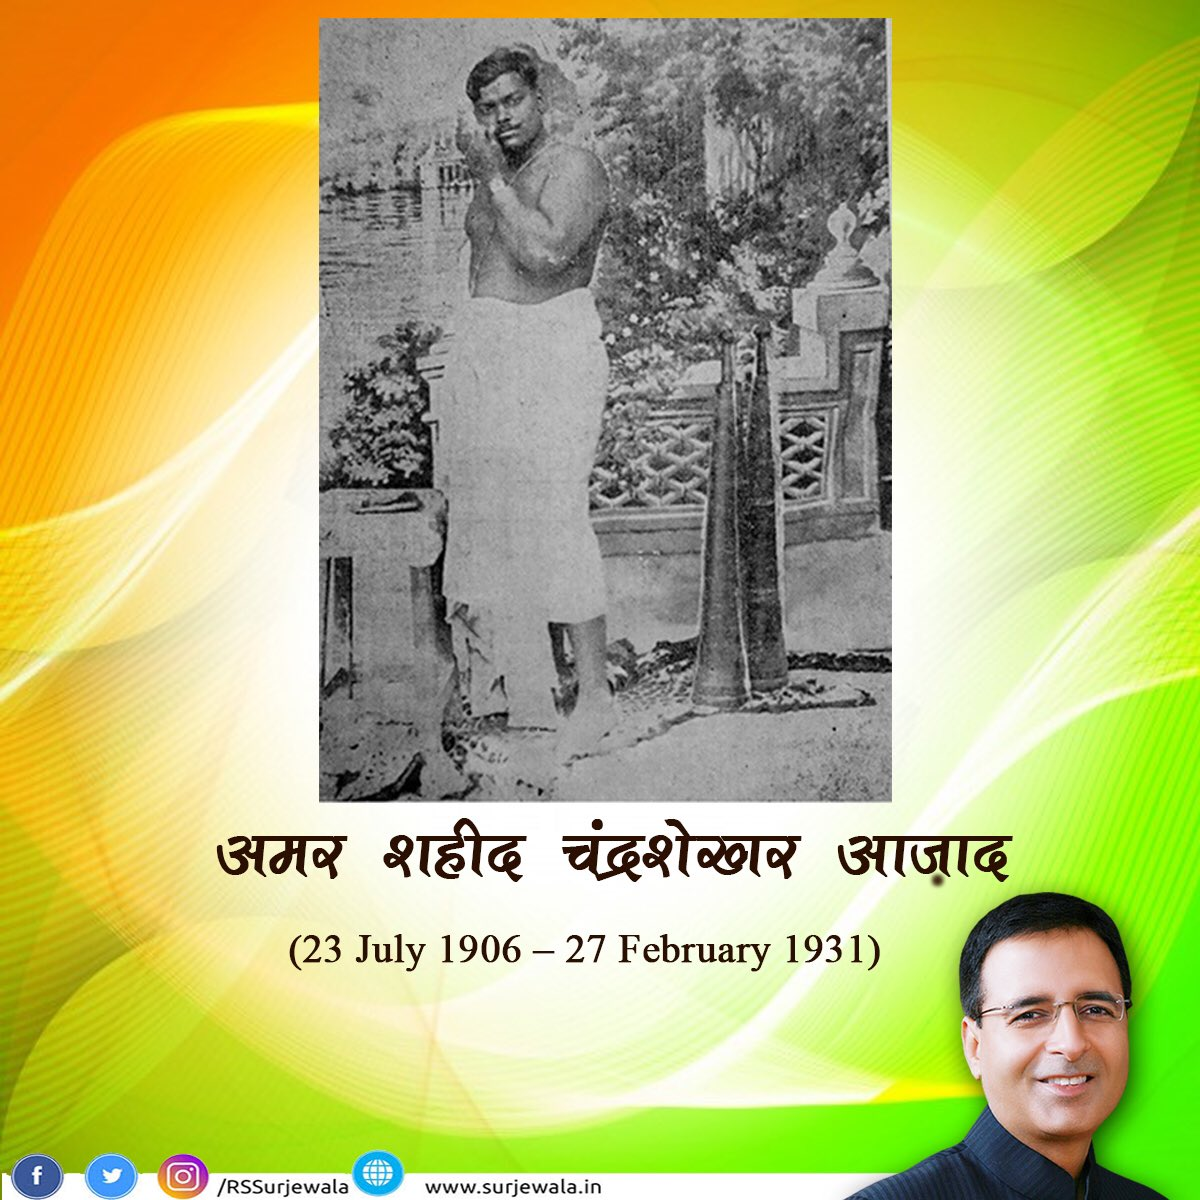 """""""दुश्मन की गोलियों का हम सामना करेंगे, आज़ाद हैं, आज़ाद रहेंगे""""  स्वतंत्रता संग्राम के महान क्रान्तिकारी, चंद्रशेखर आज़ाद जी के शहीदी दिवस पर उन्हें कोटि-कोटि नमन। 🙏  #ChandrasekharAzad"""